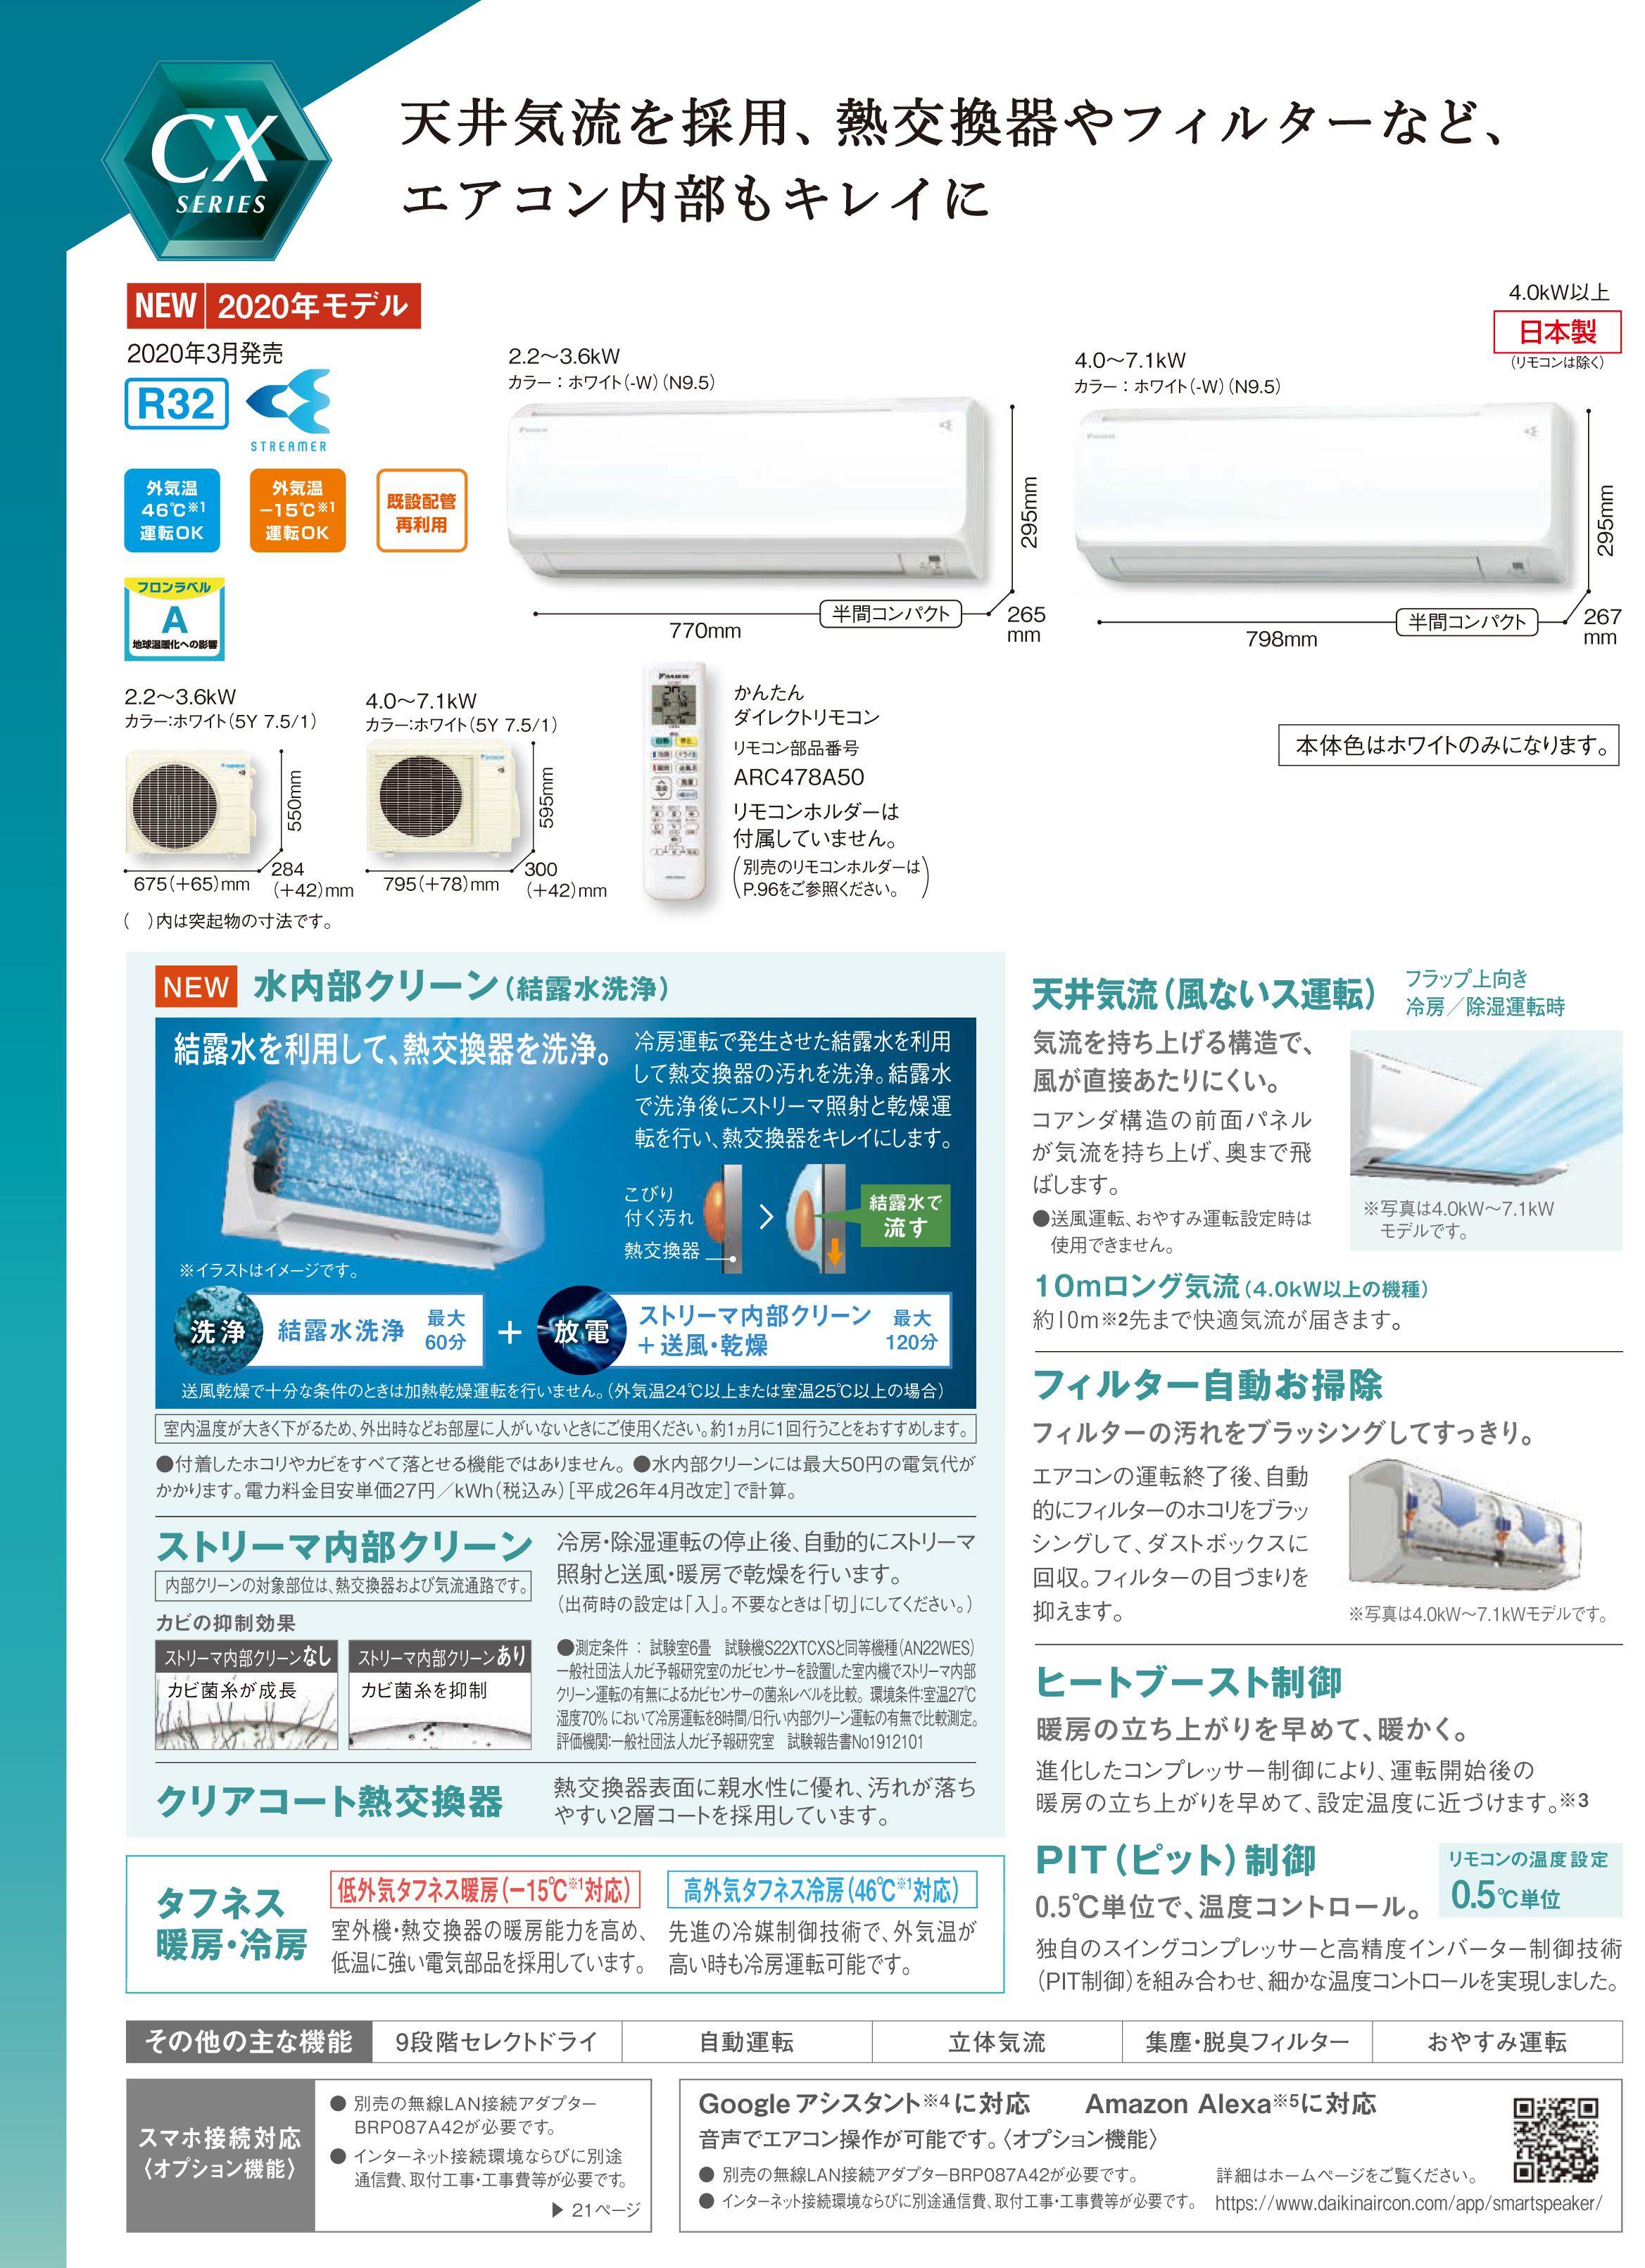 S63XTCXP-Wカタログ